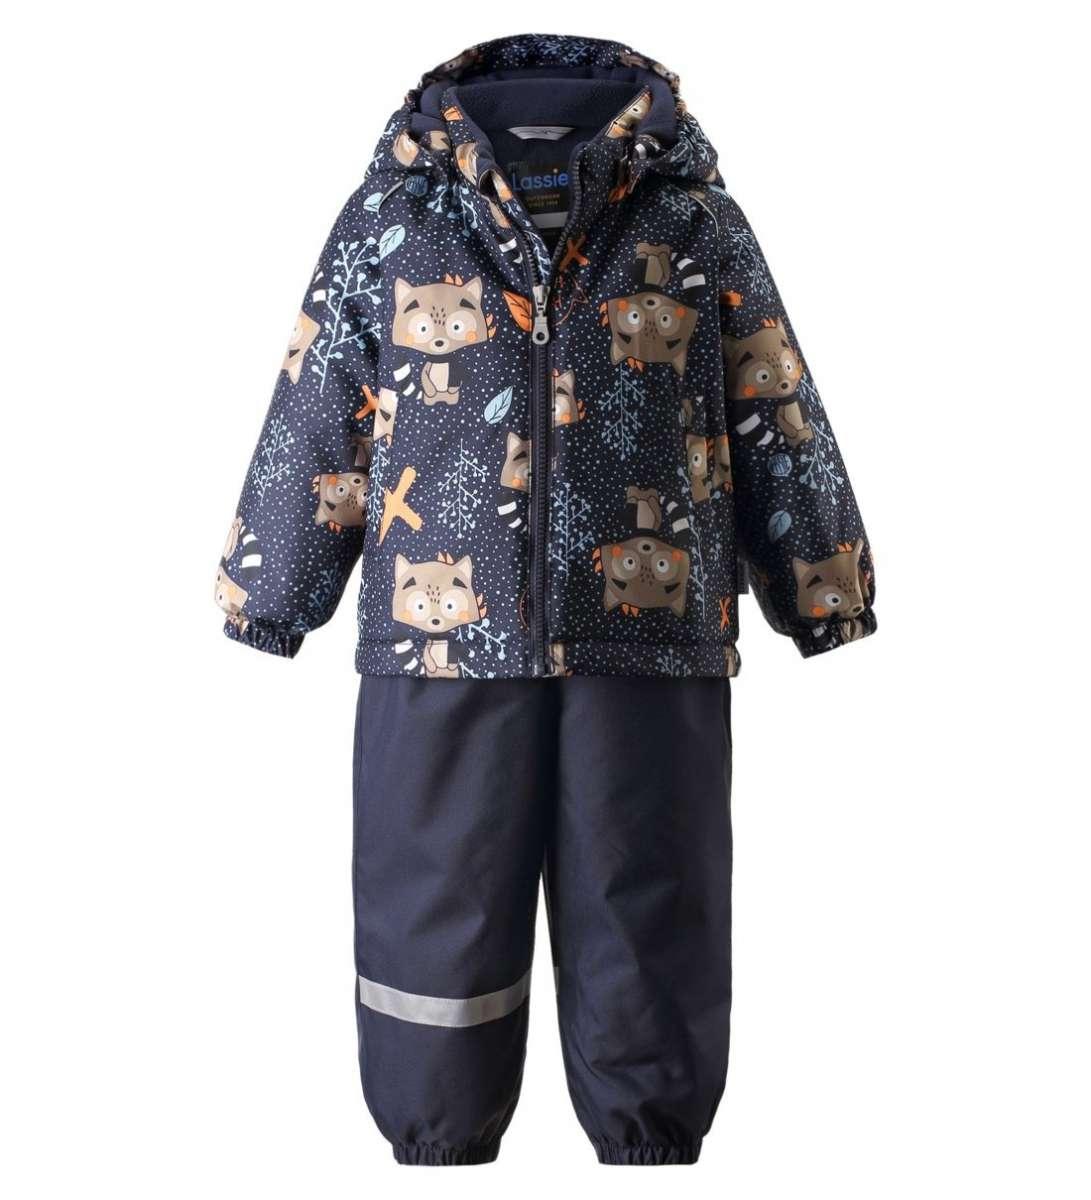 Lassie Lassietec Oivi Silts mazuļu ziemas kostīms: jaka un bikses